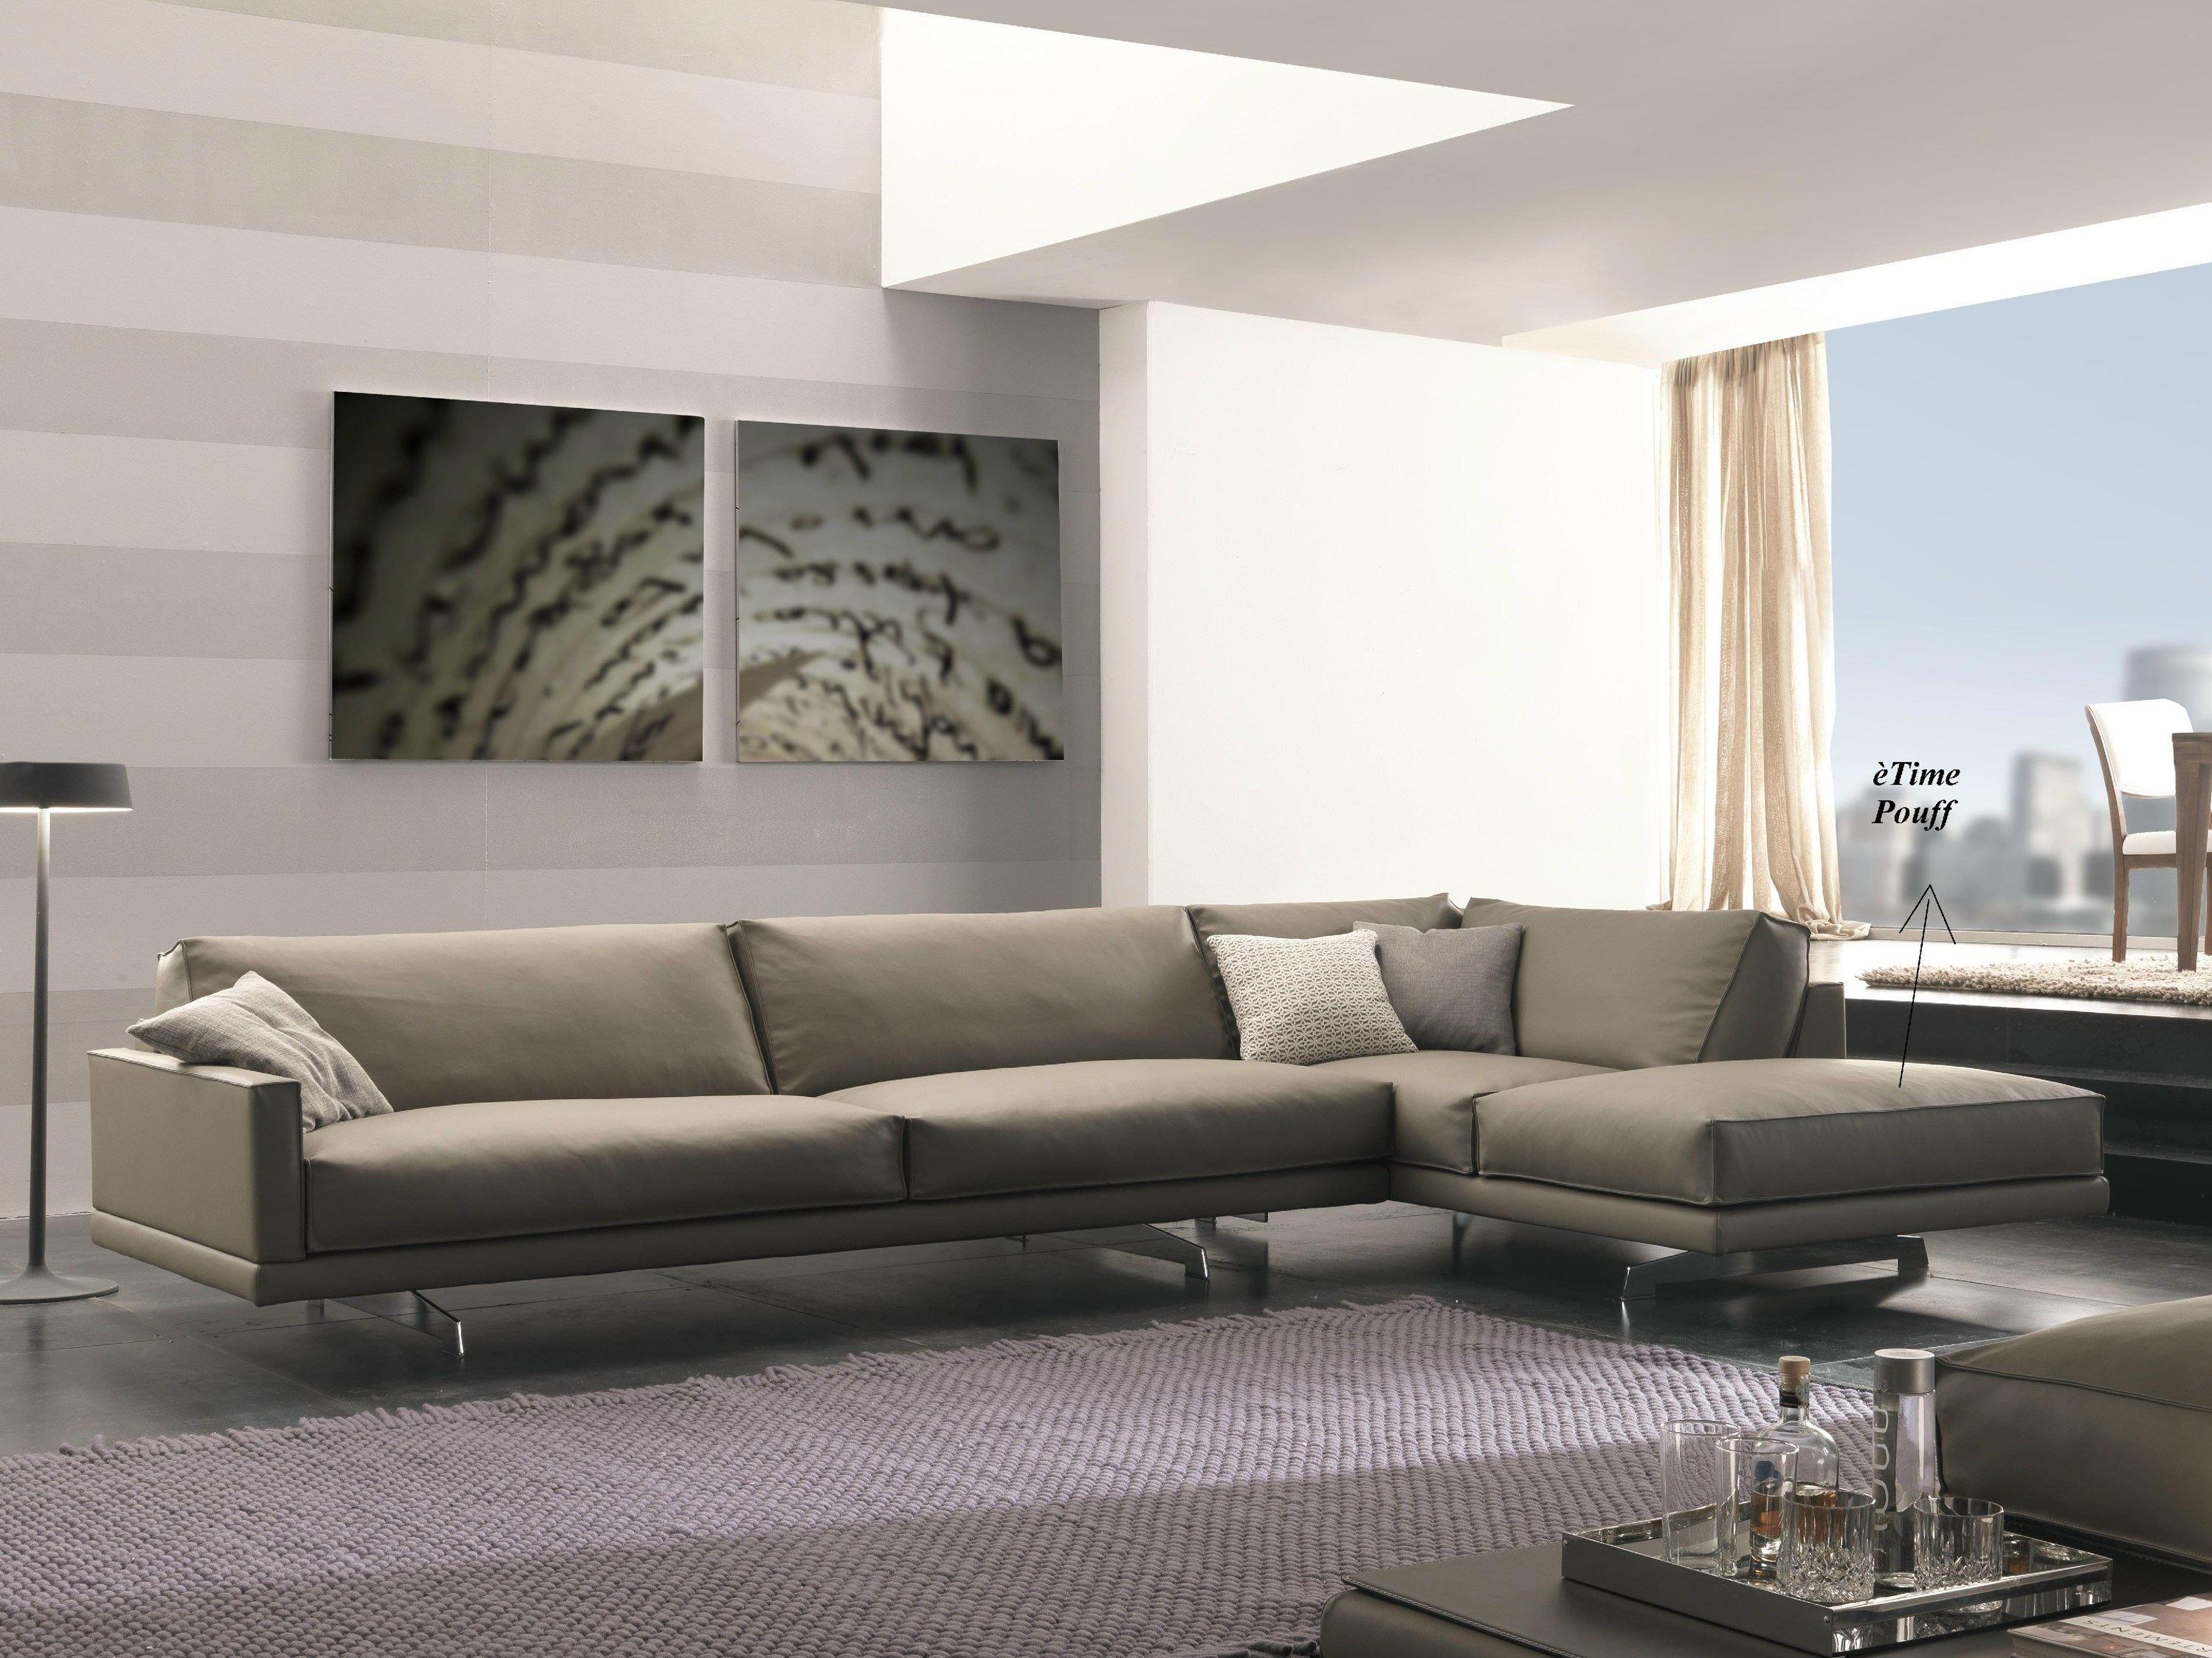 E' TIME | 2 seater sofa By Bodema design Roberto Picello, Umberto Cifarelli